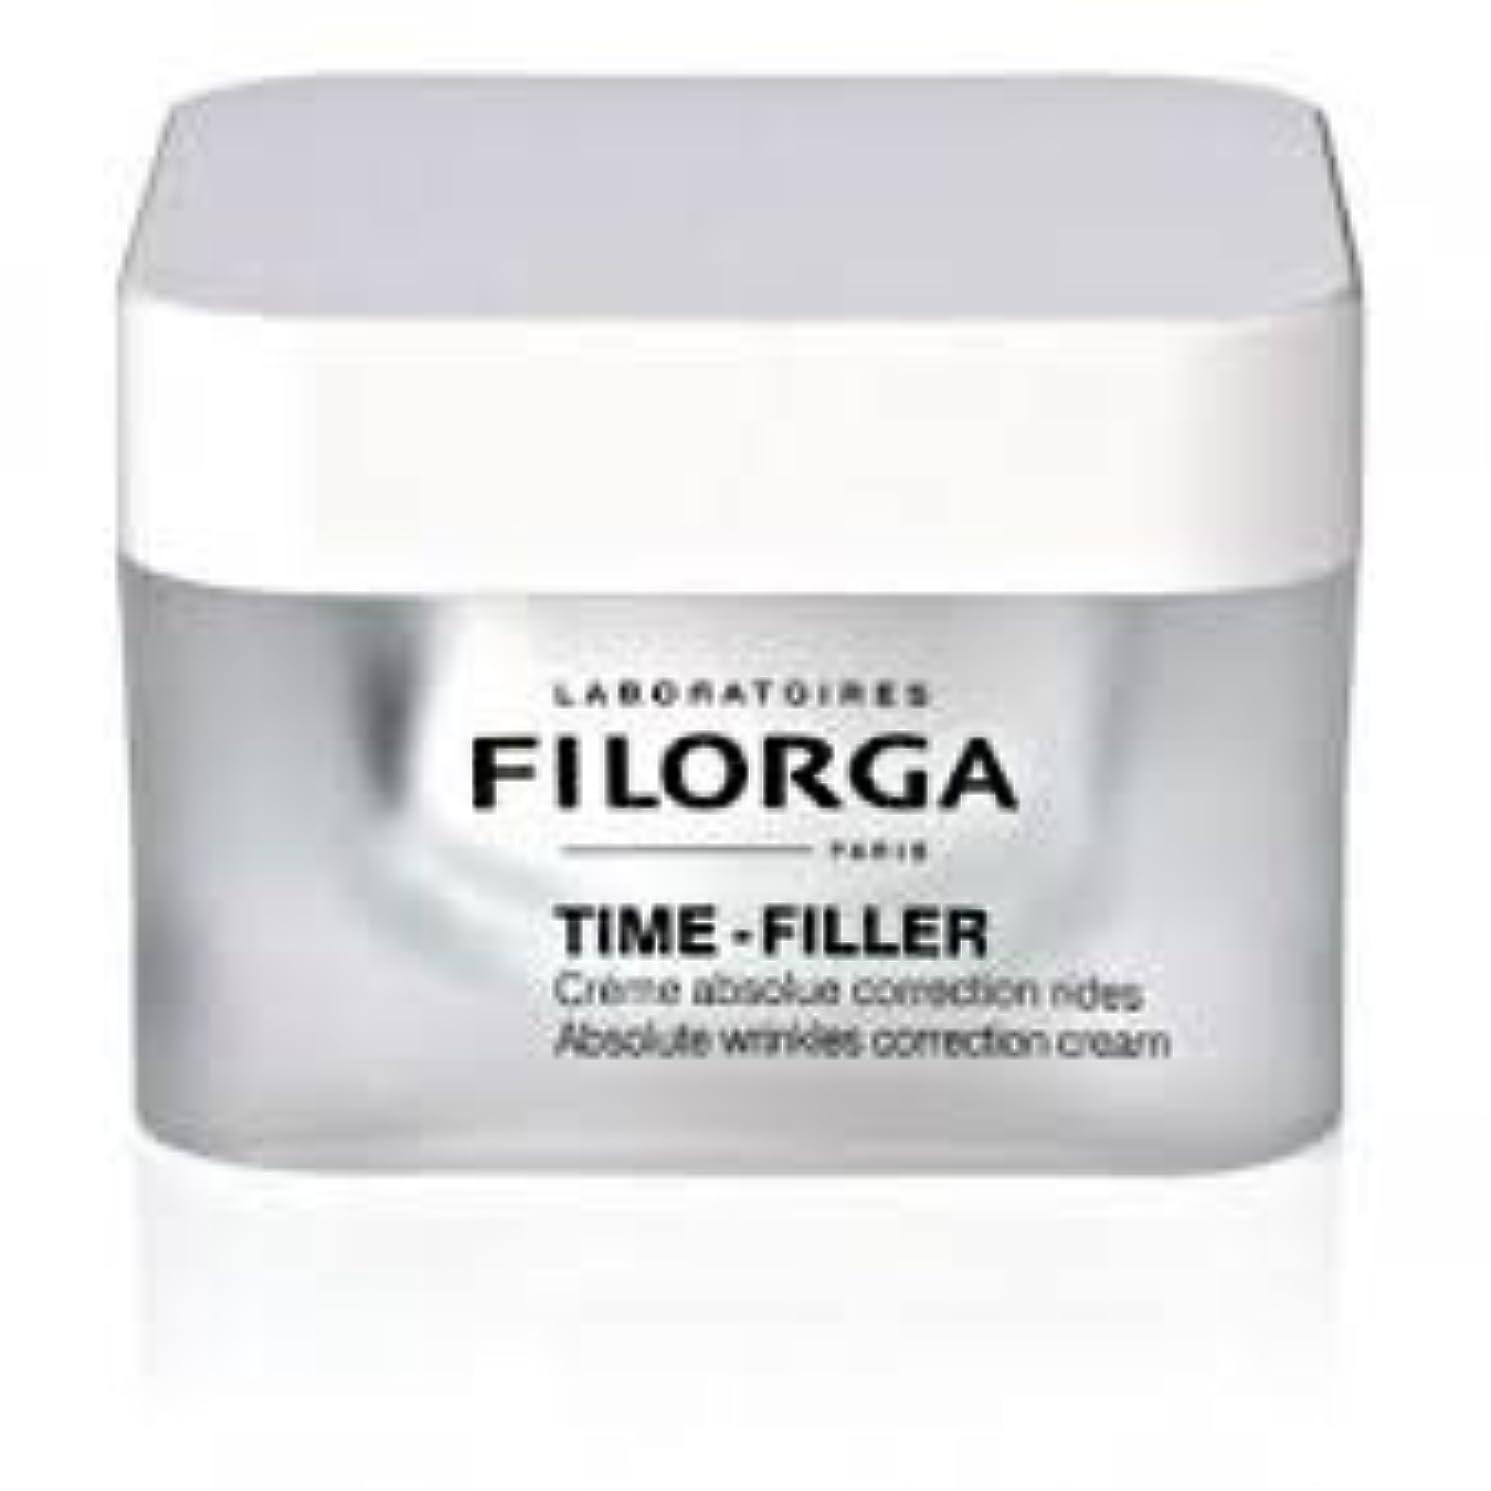 キャンセル定義するおもてなしフィロルガ[FILORGA]タイム フィラー 50ML TIME FILLER 50ML [海外直送品] [並行輸入品]